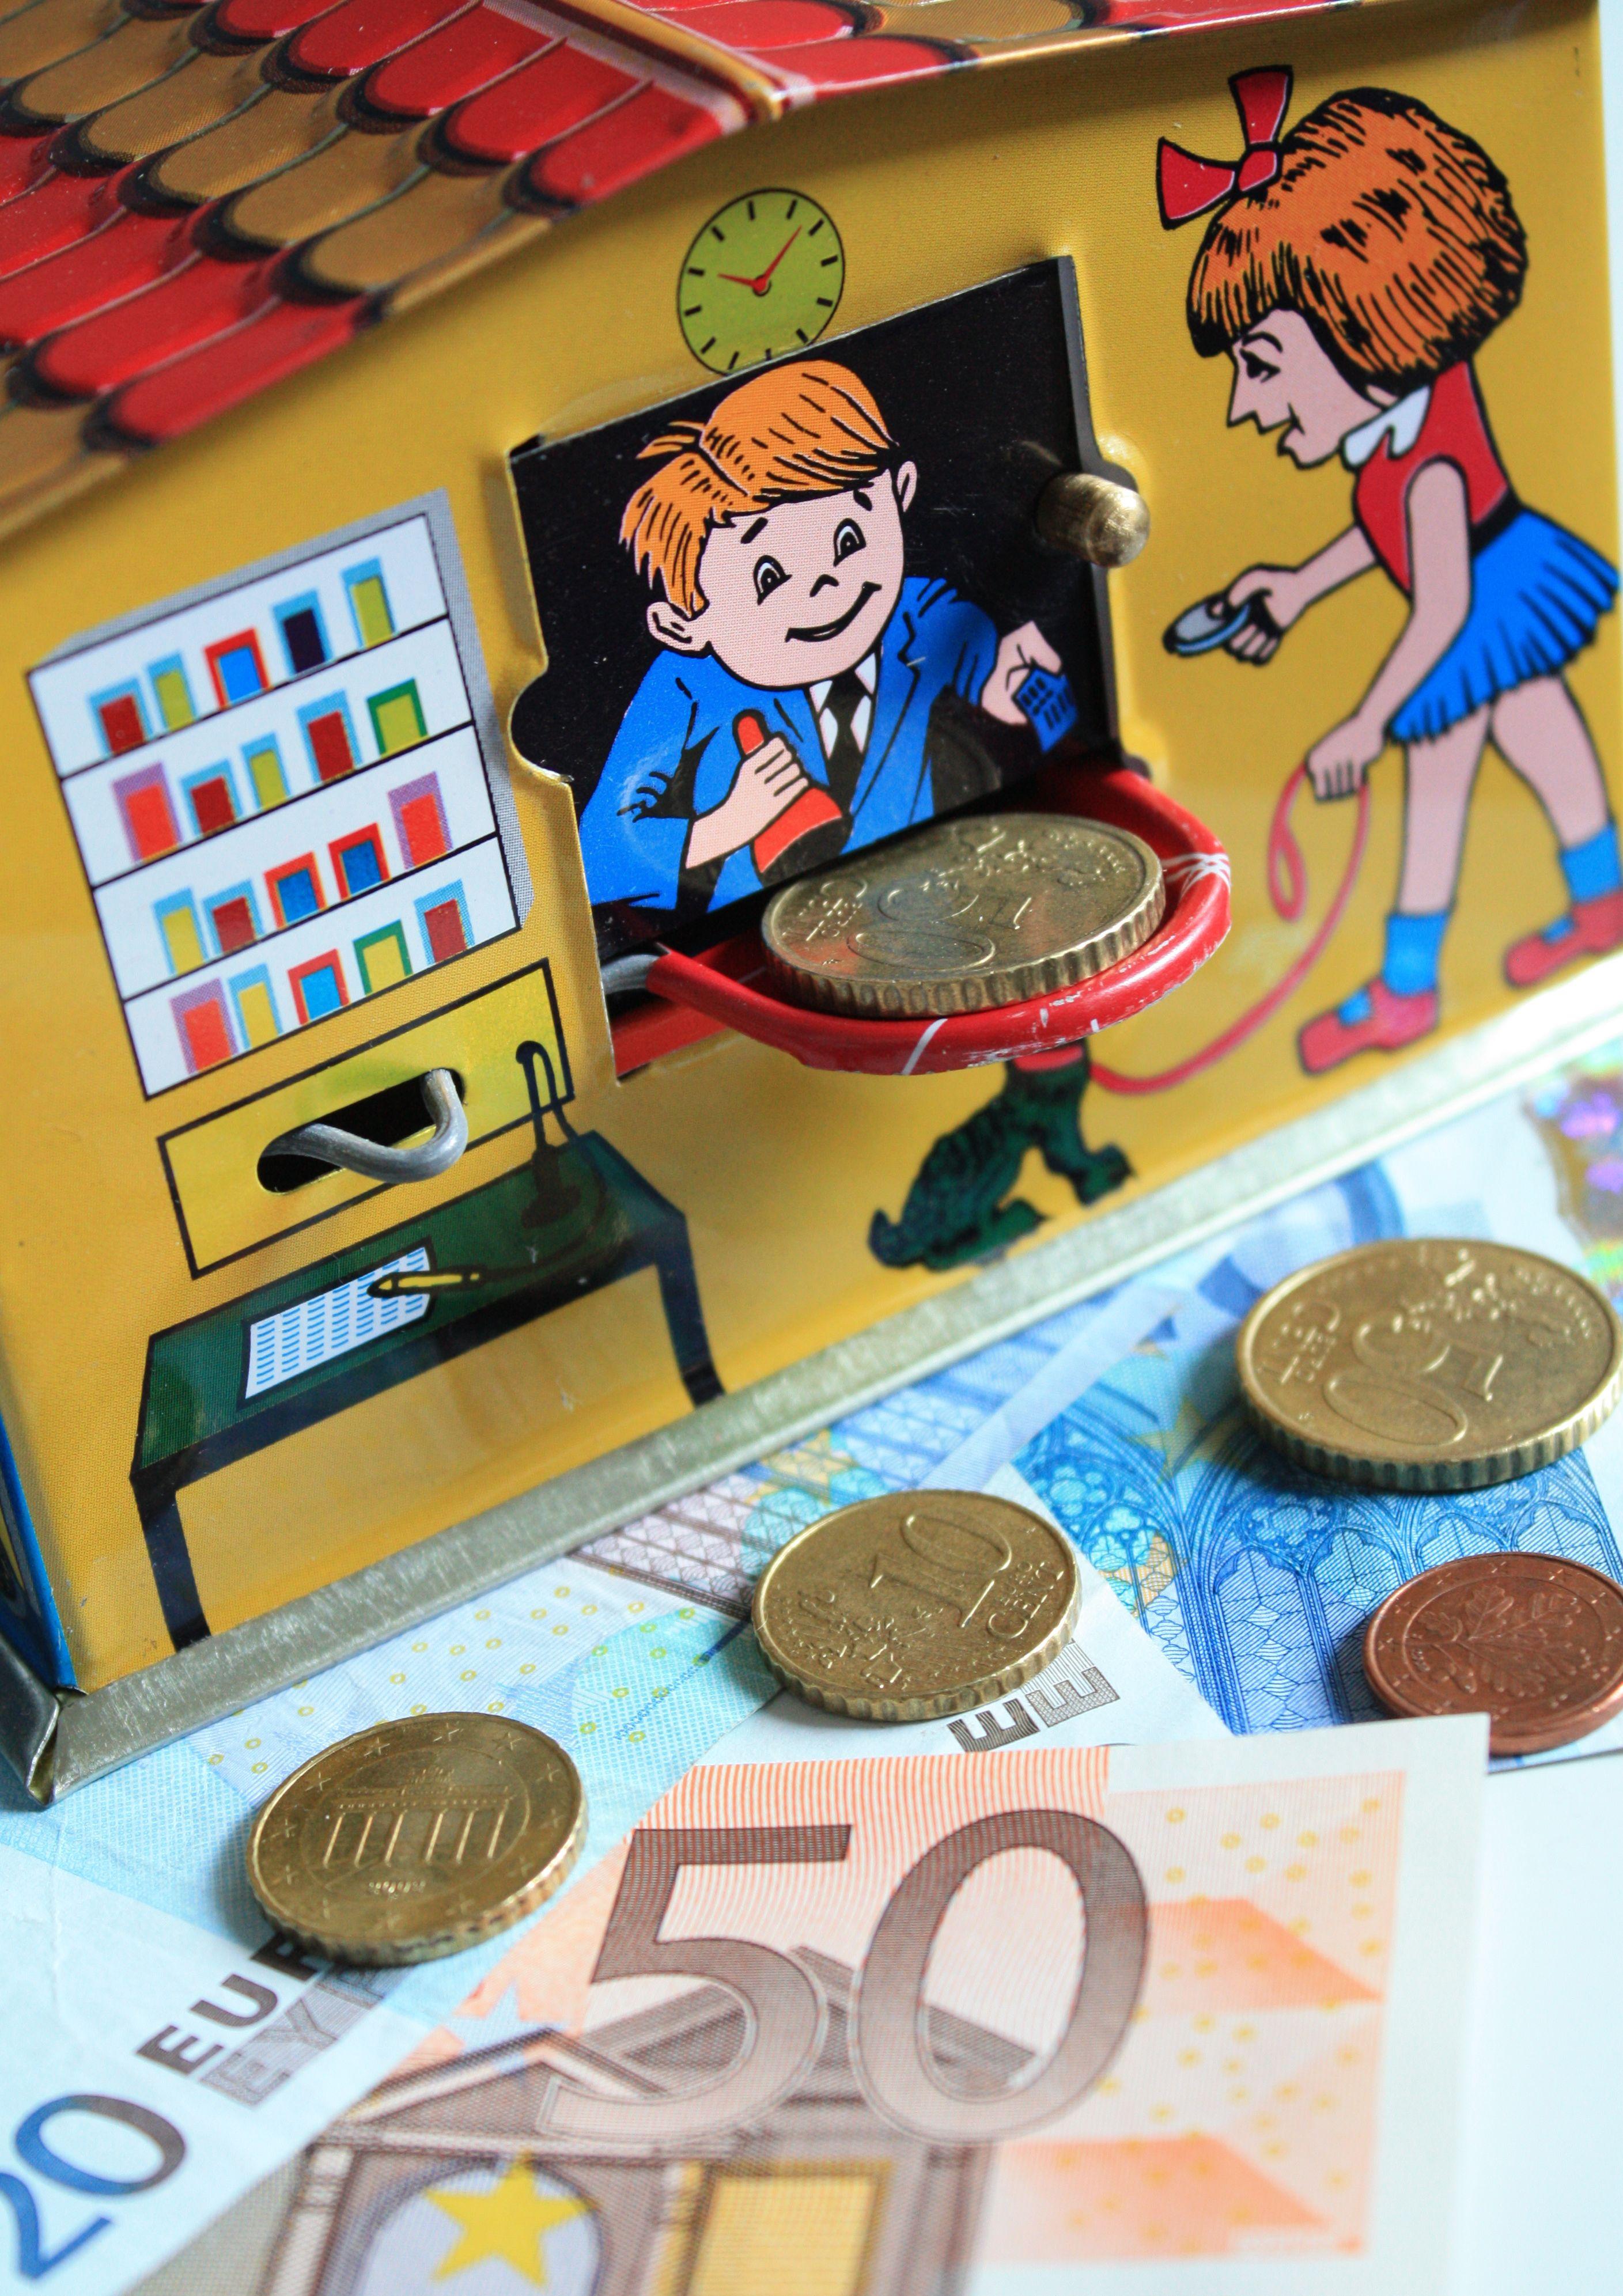 private-altersvorsorge-monatsrente-einmalzahlung